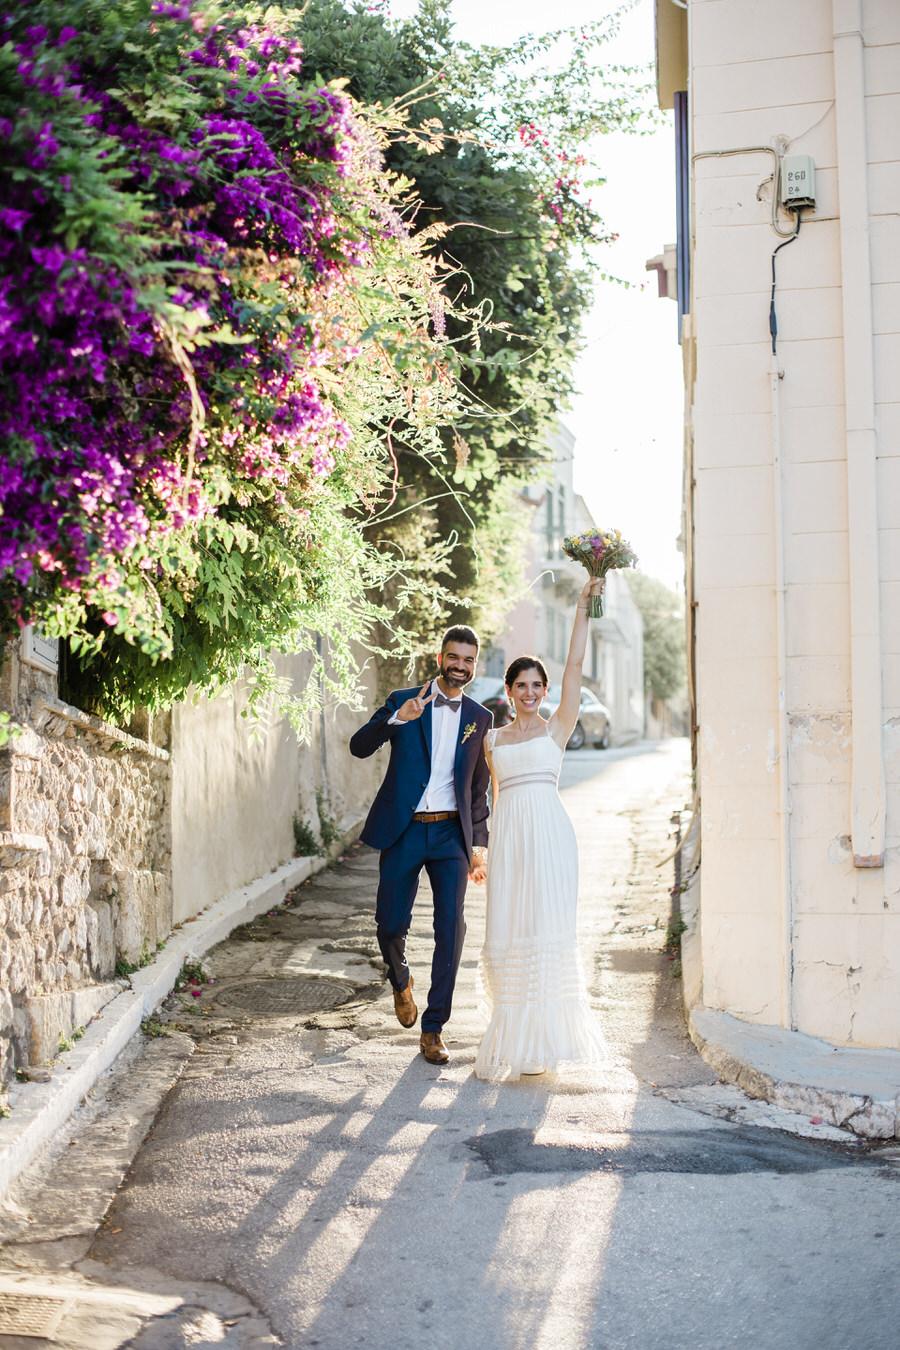 Mediterranean Destination Wedding in Greece